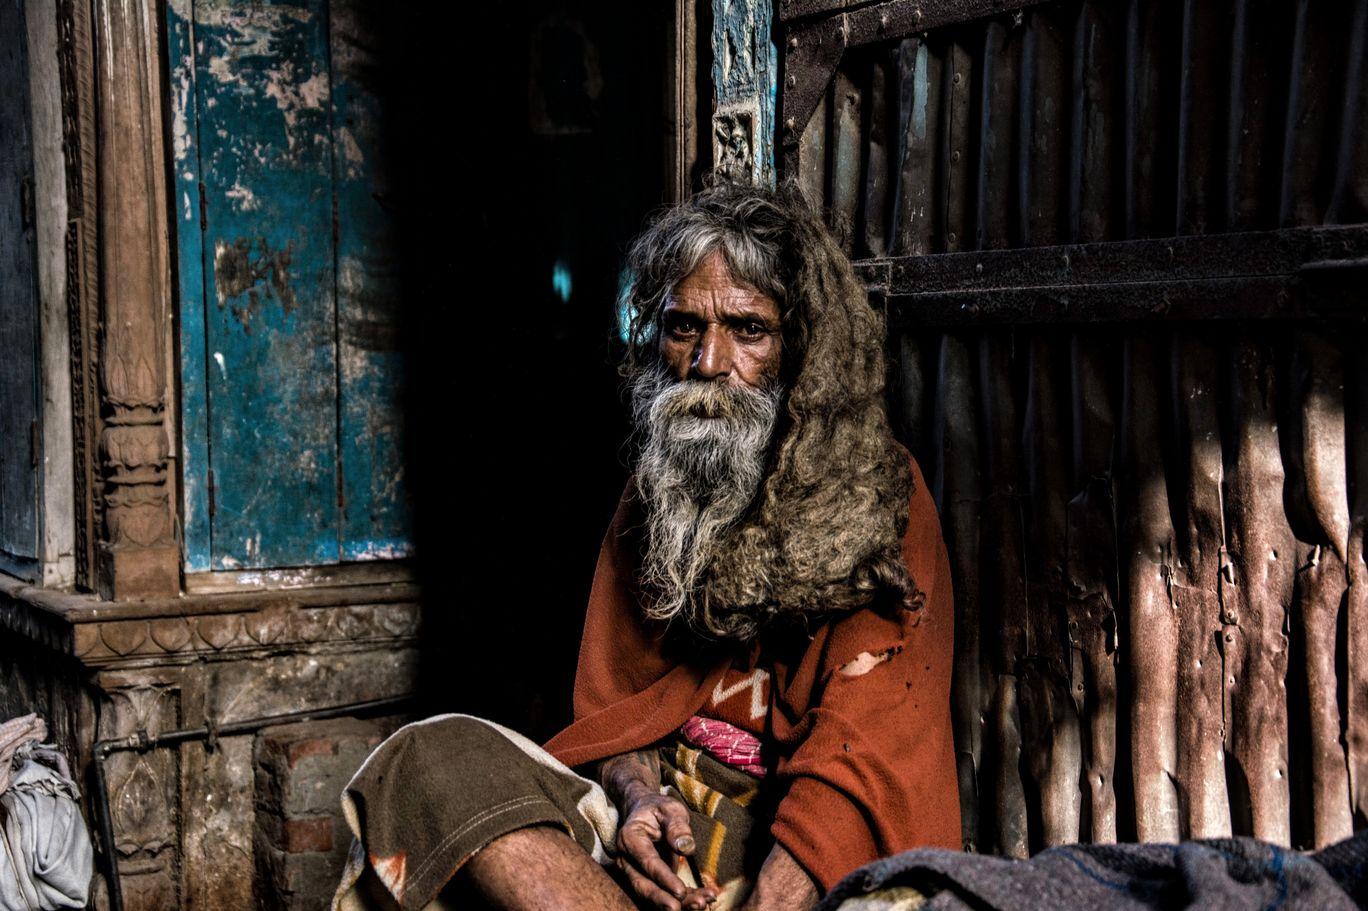 Photo of Vrindavan By Vansh Virmani